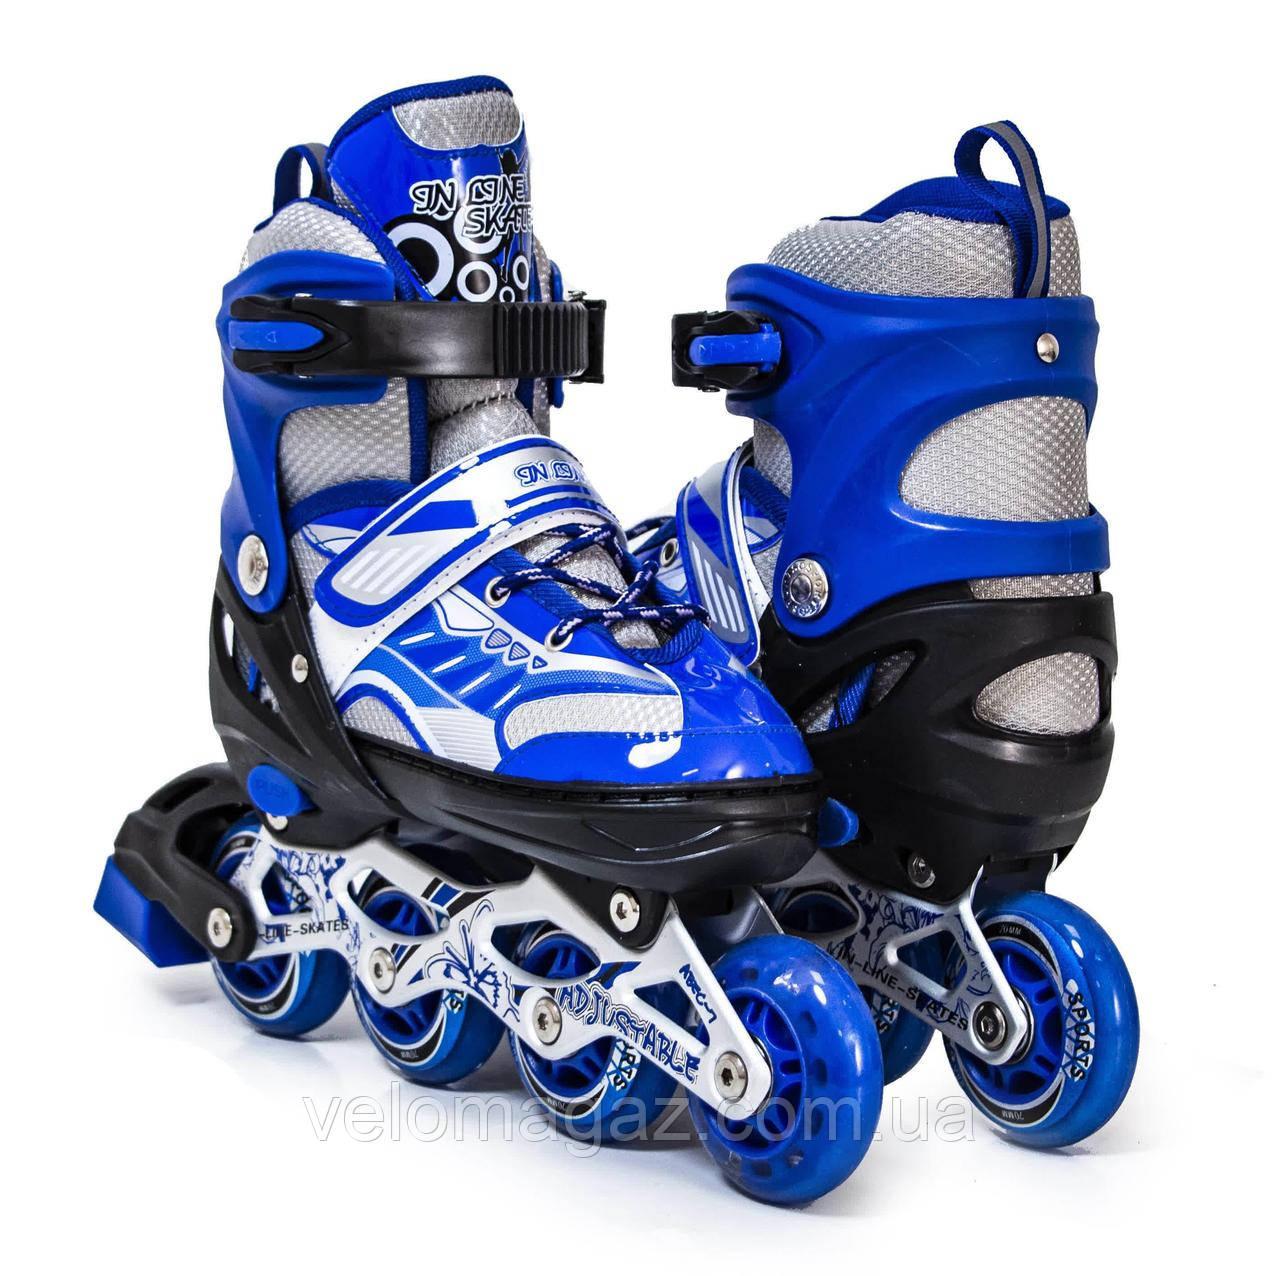 """Розсувні ролики """"Inline Skate"""" HAPPY-2, сині, світяться колеса"""